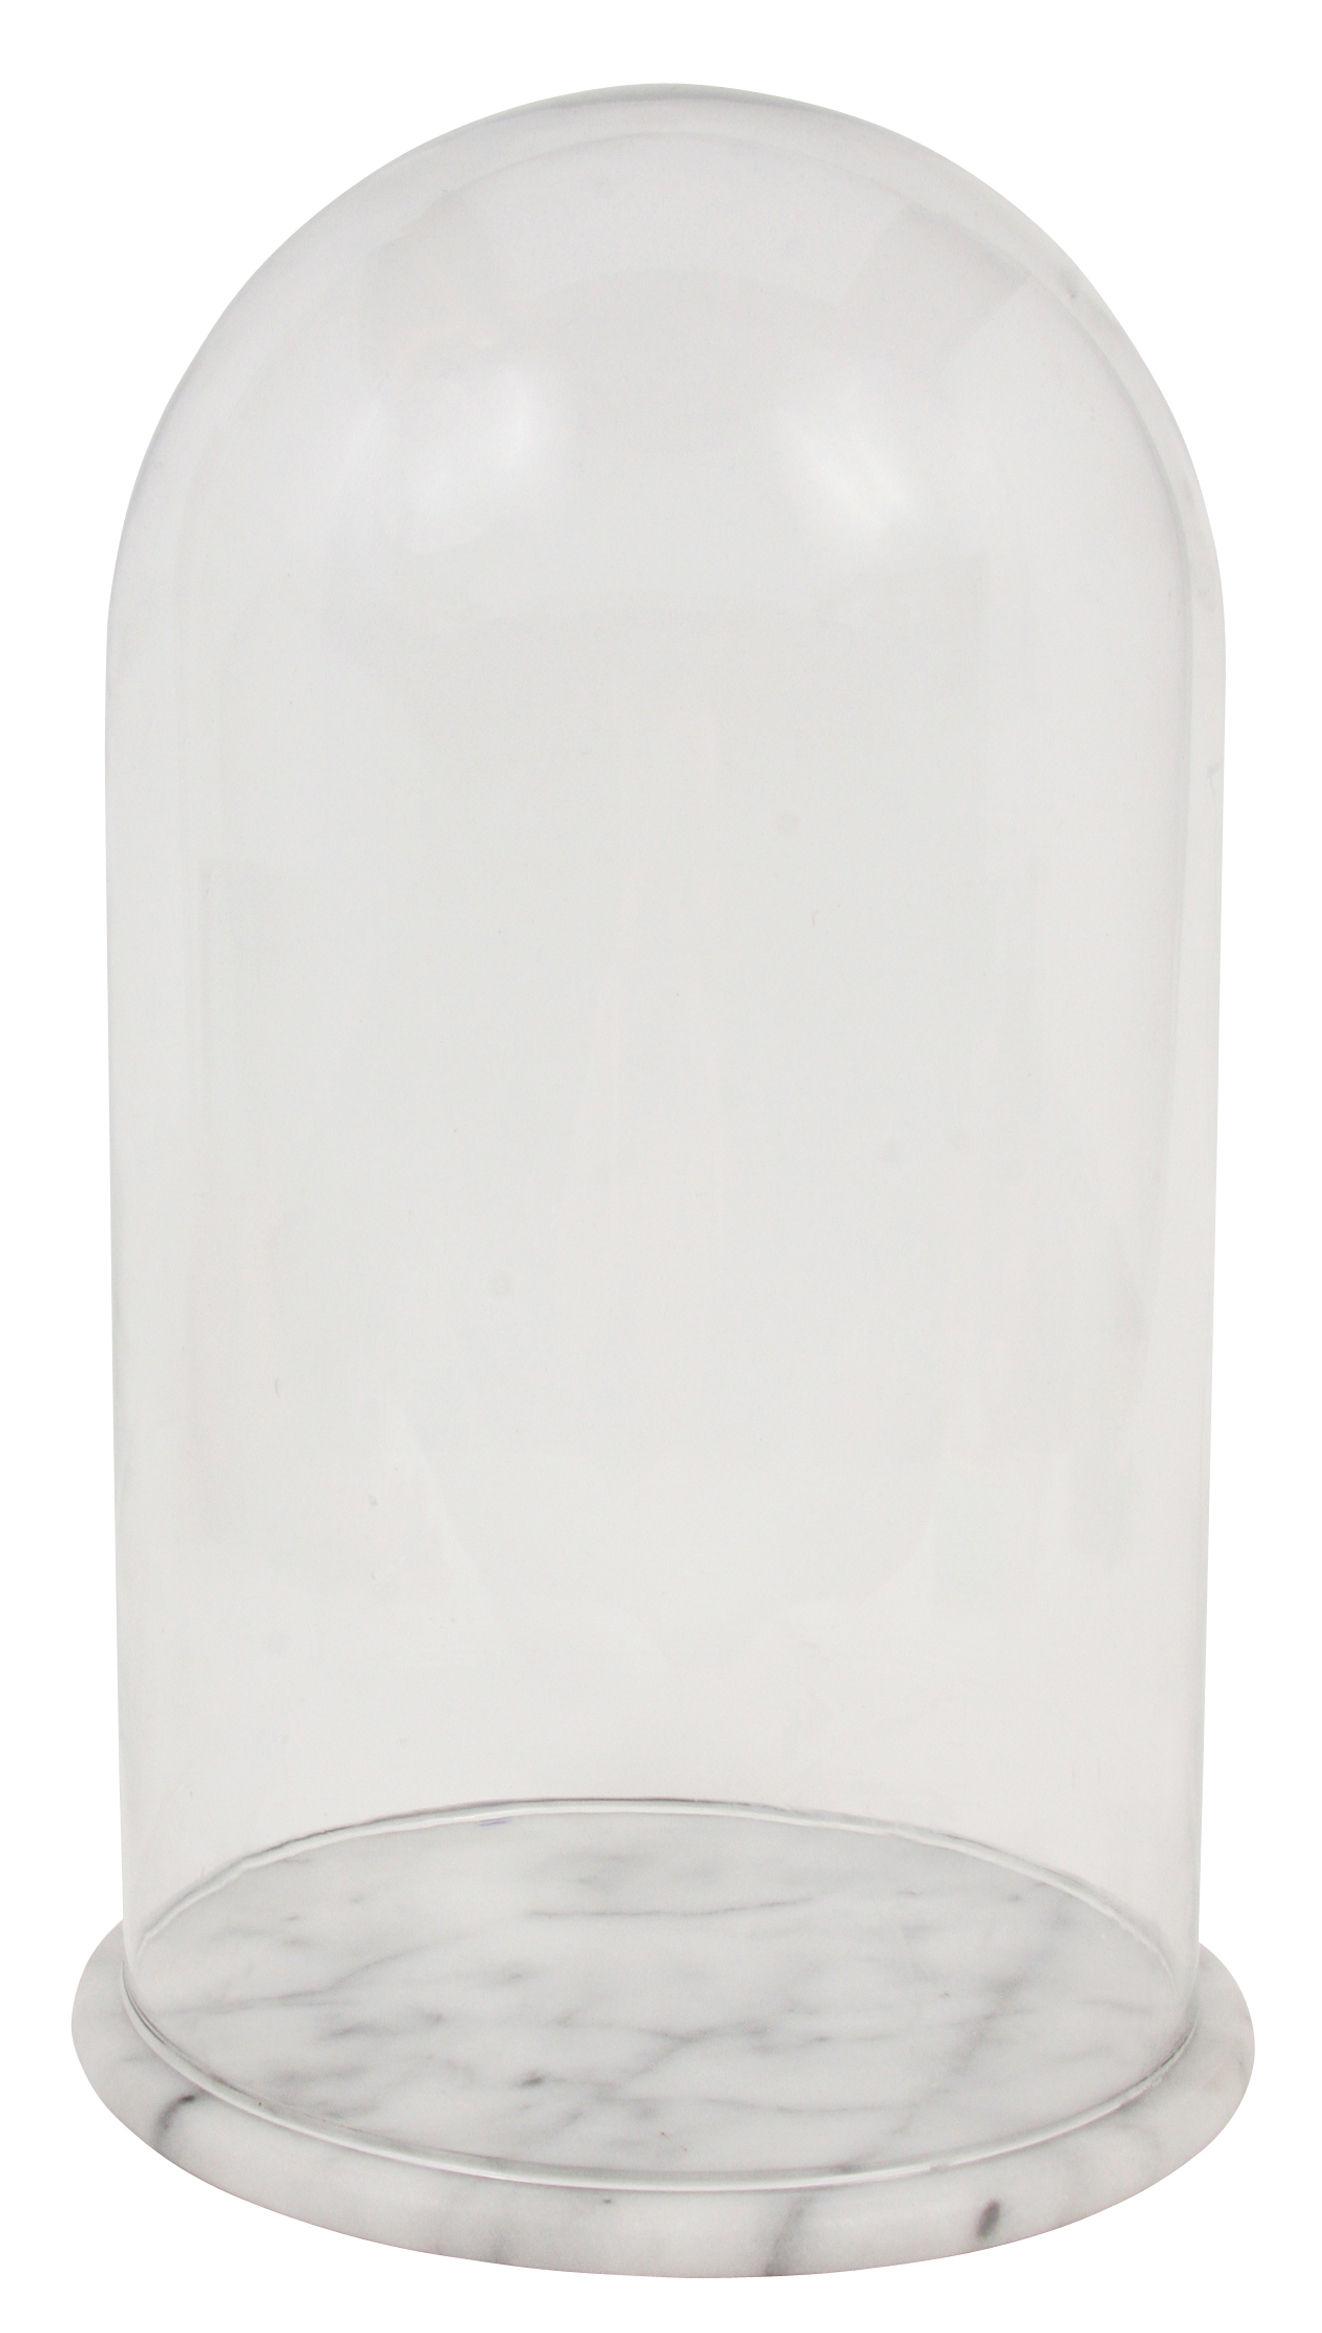 cloche en verre large h 26 cm transparent klevering. Black Bedroom Furniture Sets. Home Design Ideas